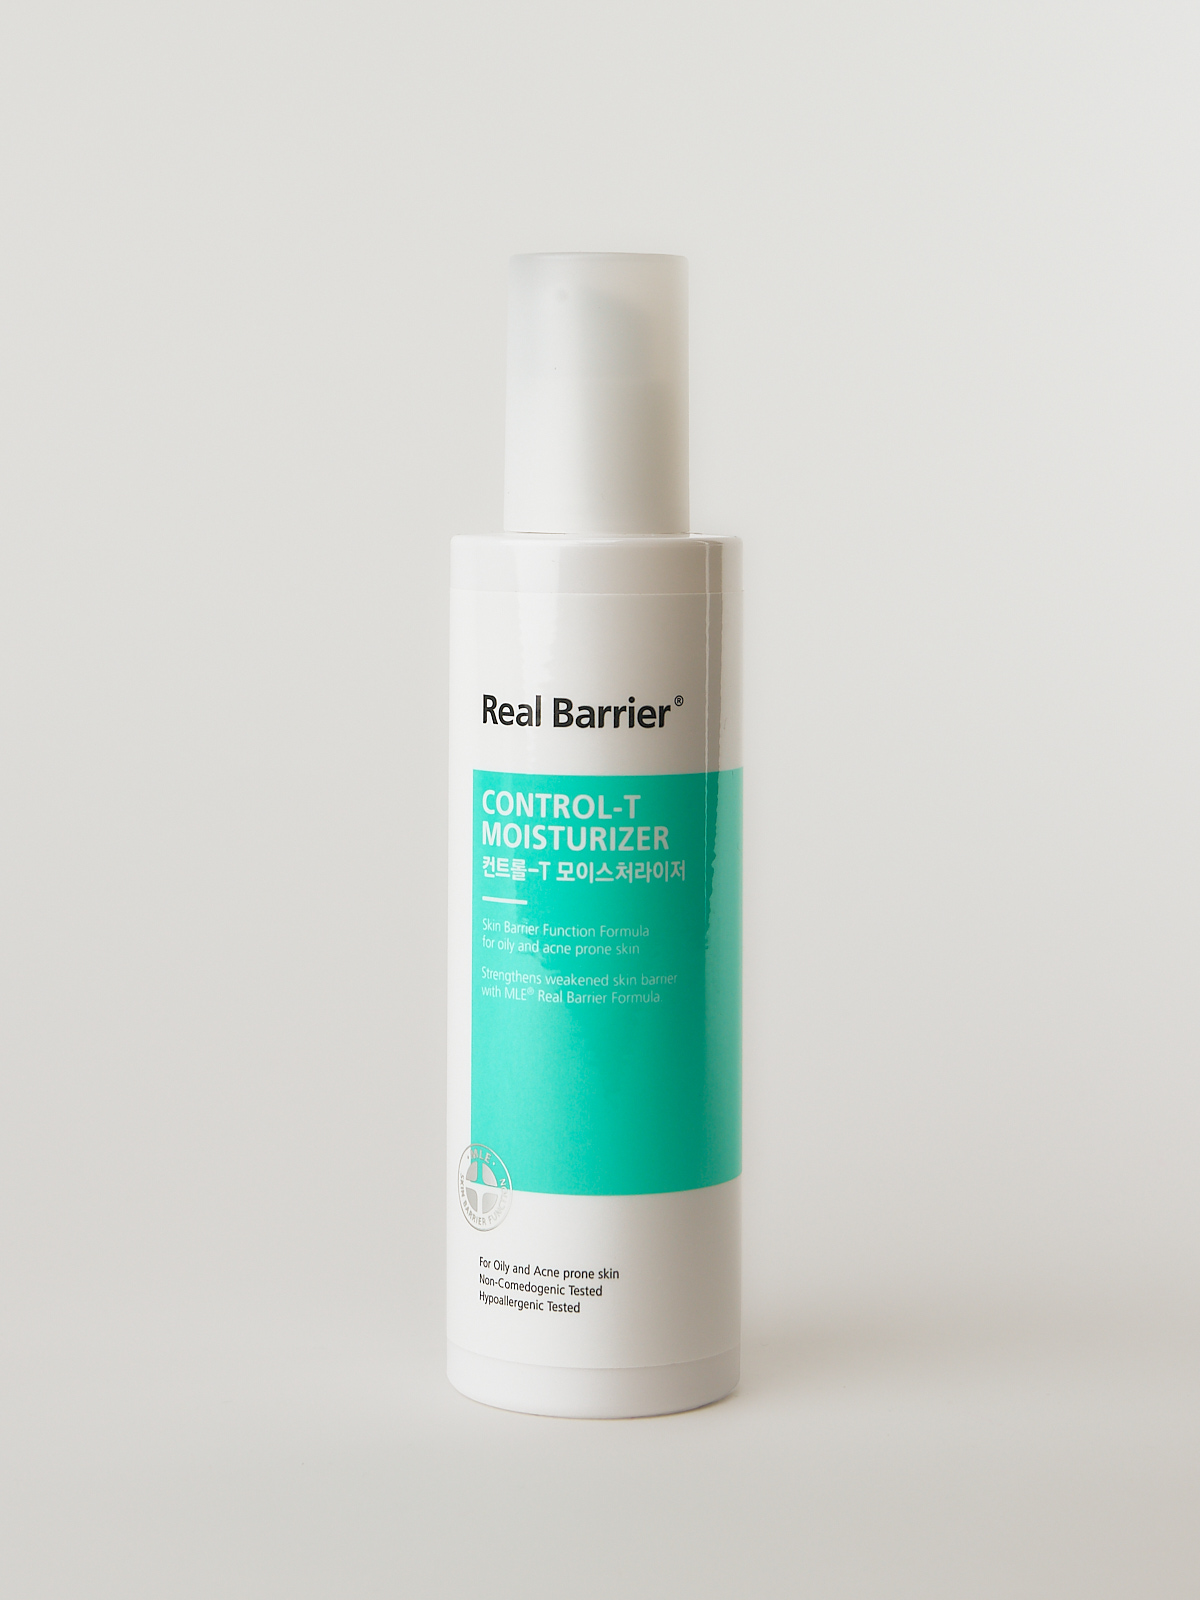 Real Barrier Control-T Moisturizer. Leichte Feuchtigkeitscreme gegen Pickel, Mitesser und Akne im weiß türkisen Fläschchen.